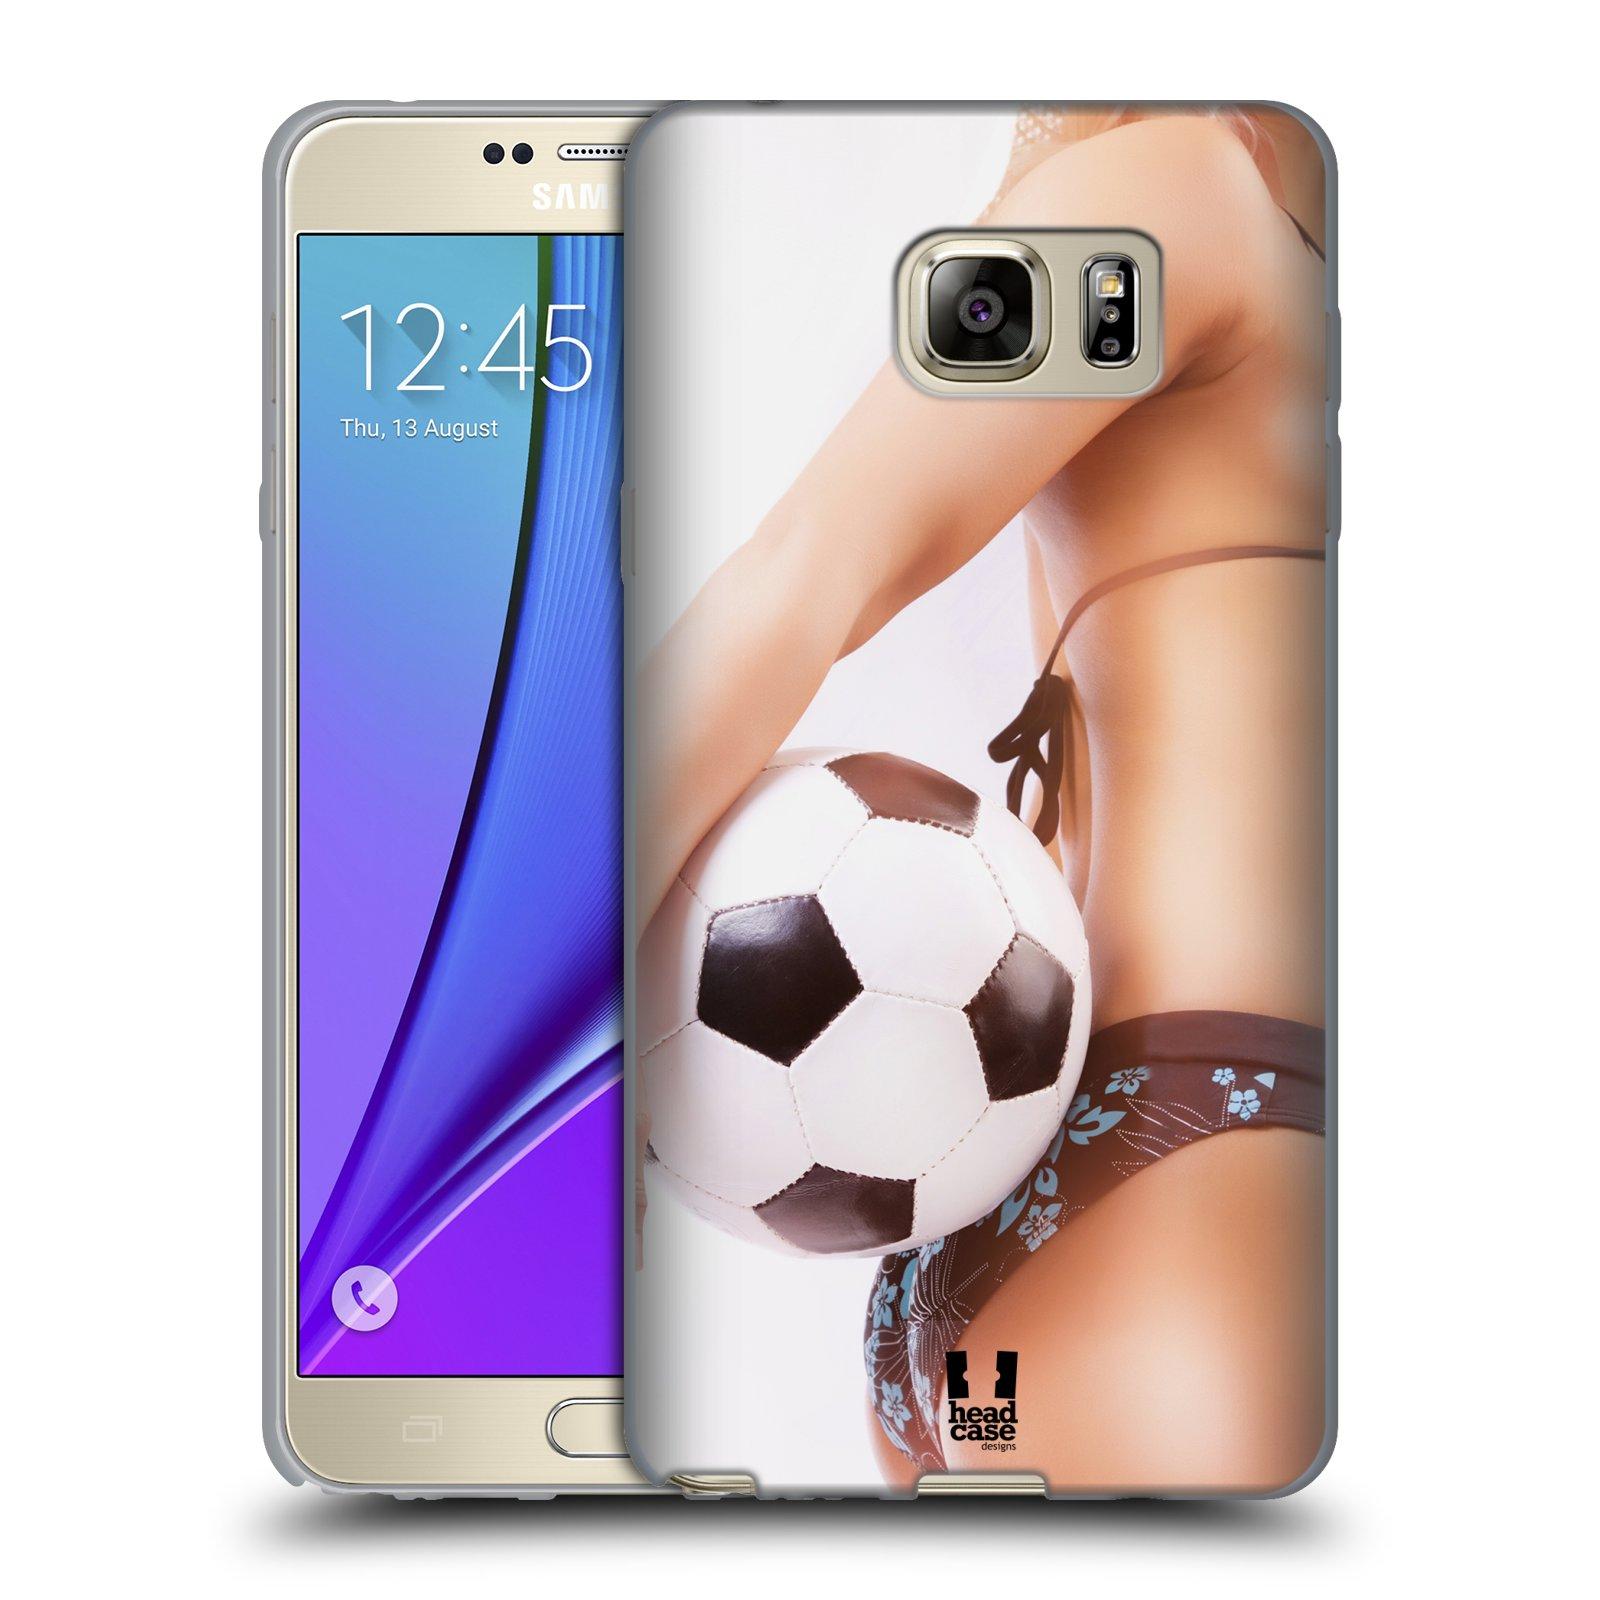 HEAD CASE silikonový obal na mobil Samsung Galaxy Note 5 (N920) vzor Fotbalové modelky KOPACÍ MÍČ